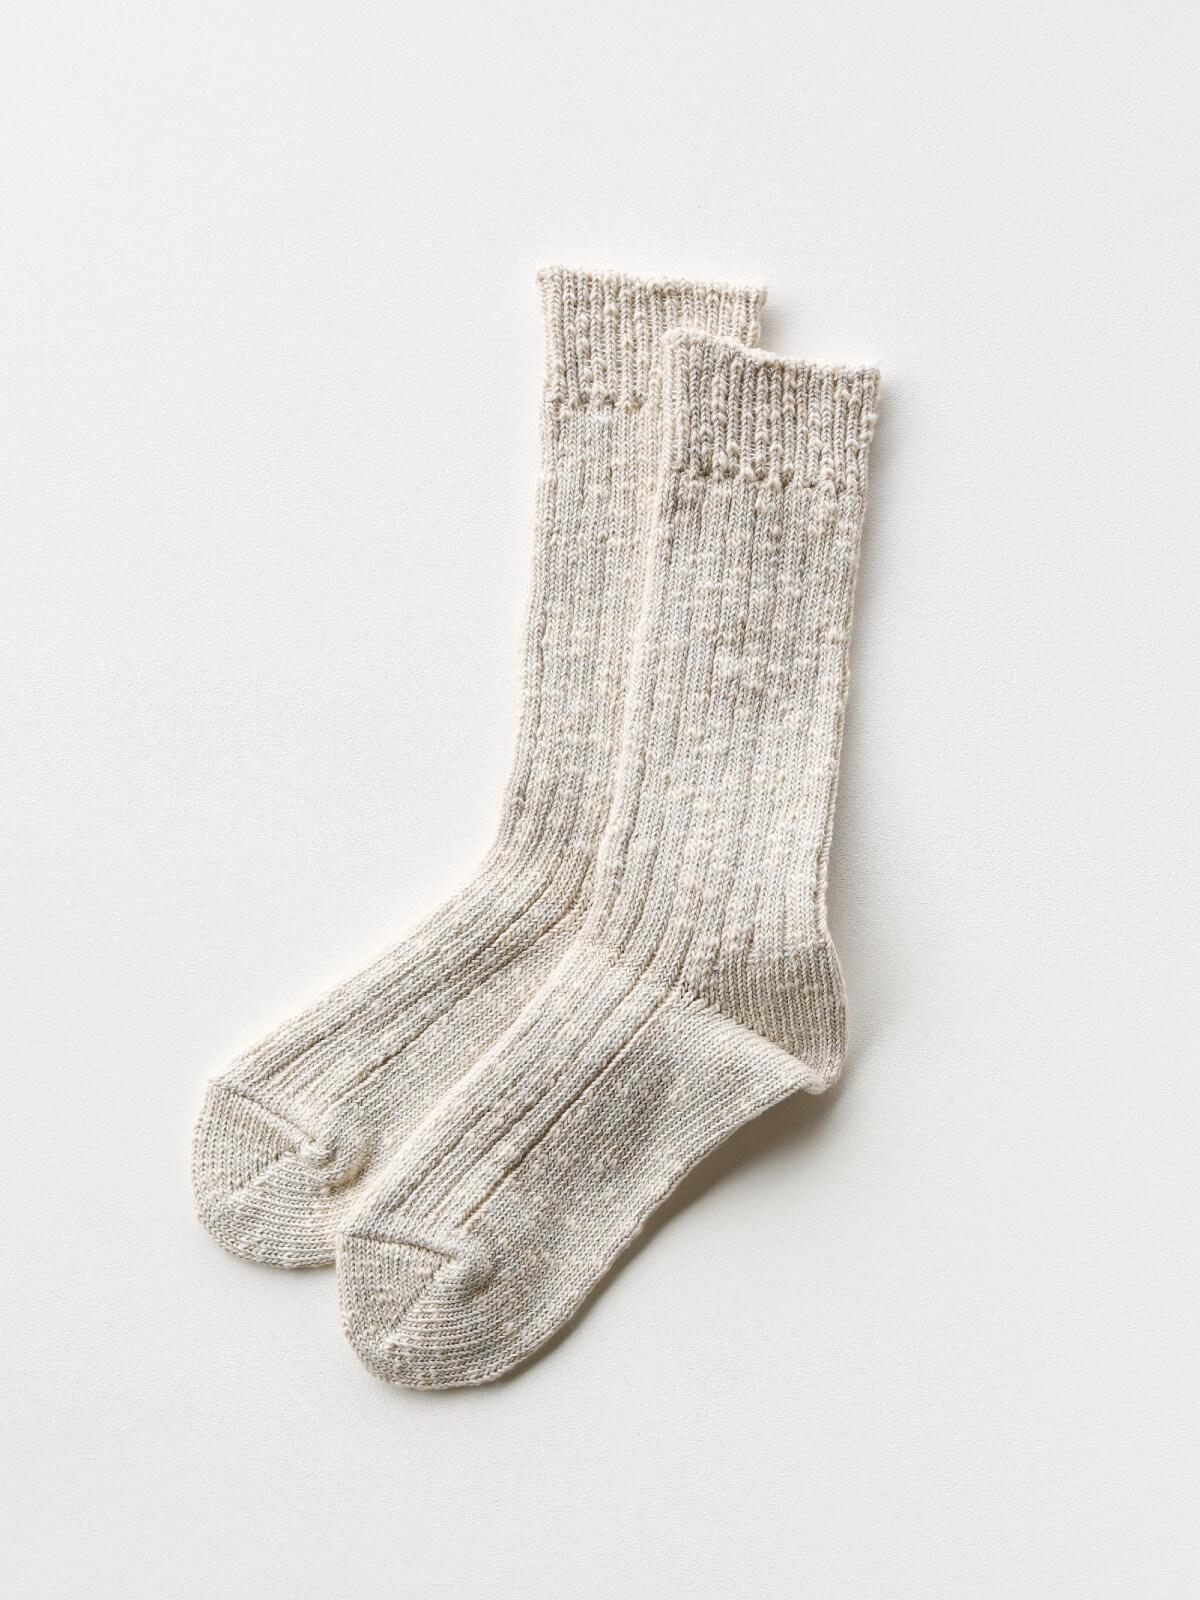 当たりつきギフト専用靴下のLUCKY SOCKS(ラッキーソックス)のMix Rib Socks(ミックスリブソックス)のアイボリー_2